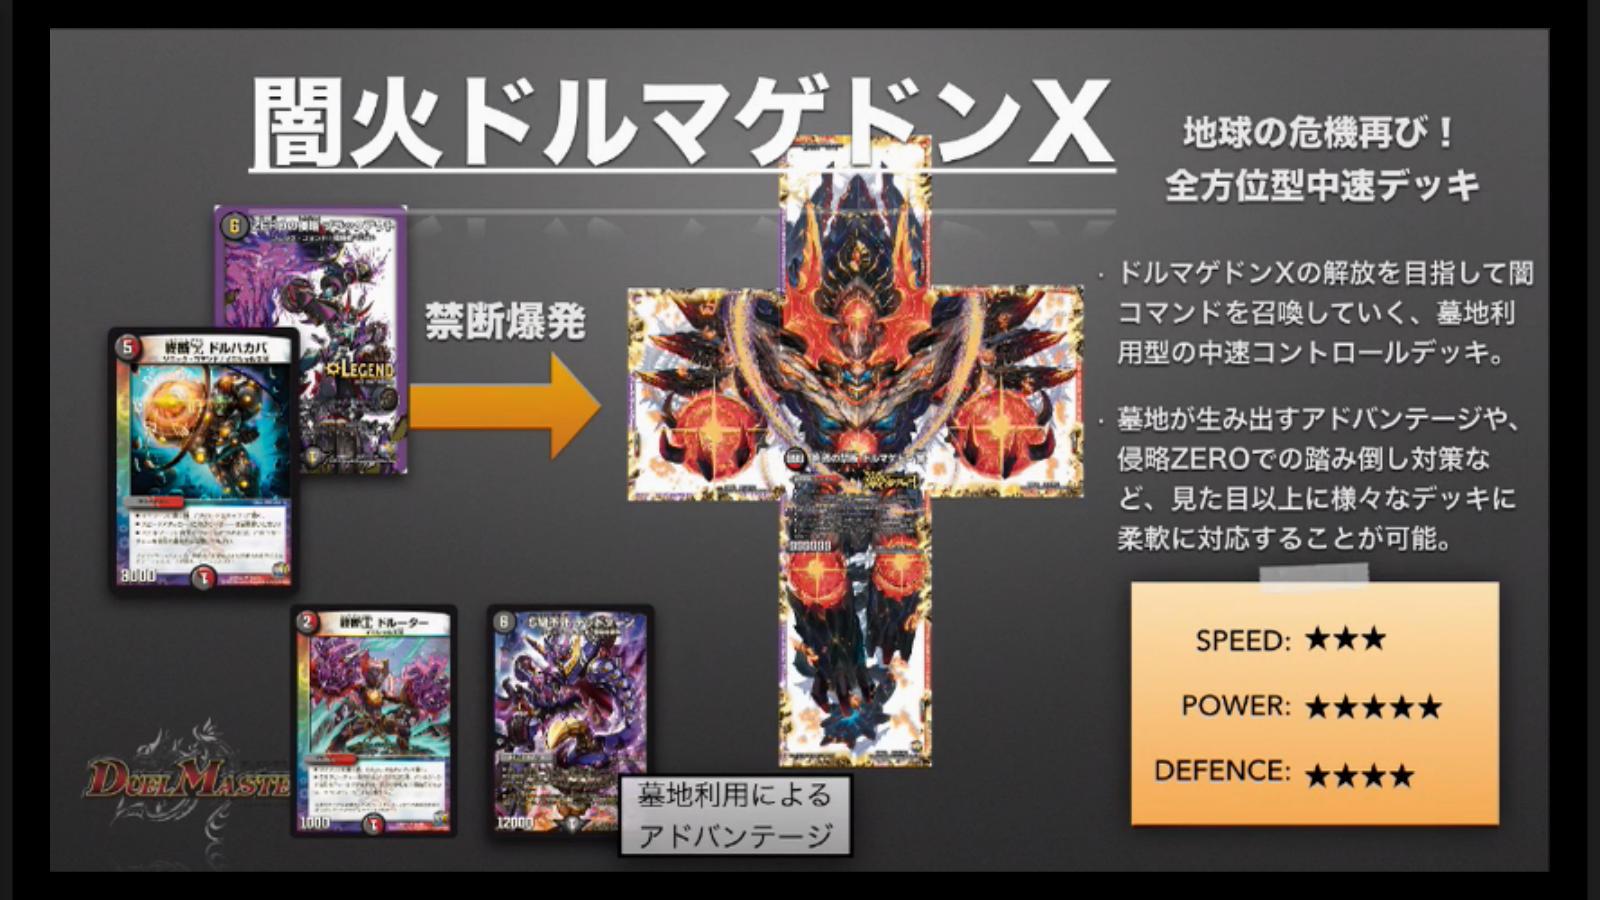 dm-kakumei-finalcup-news-170226-044.jpg